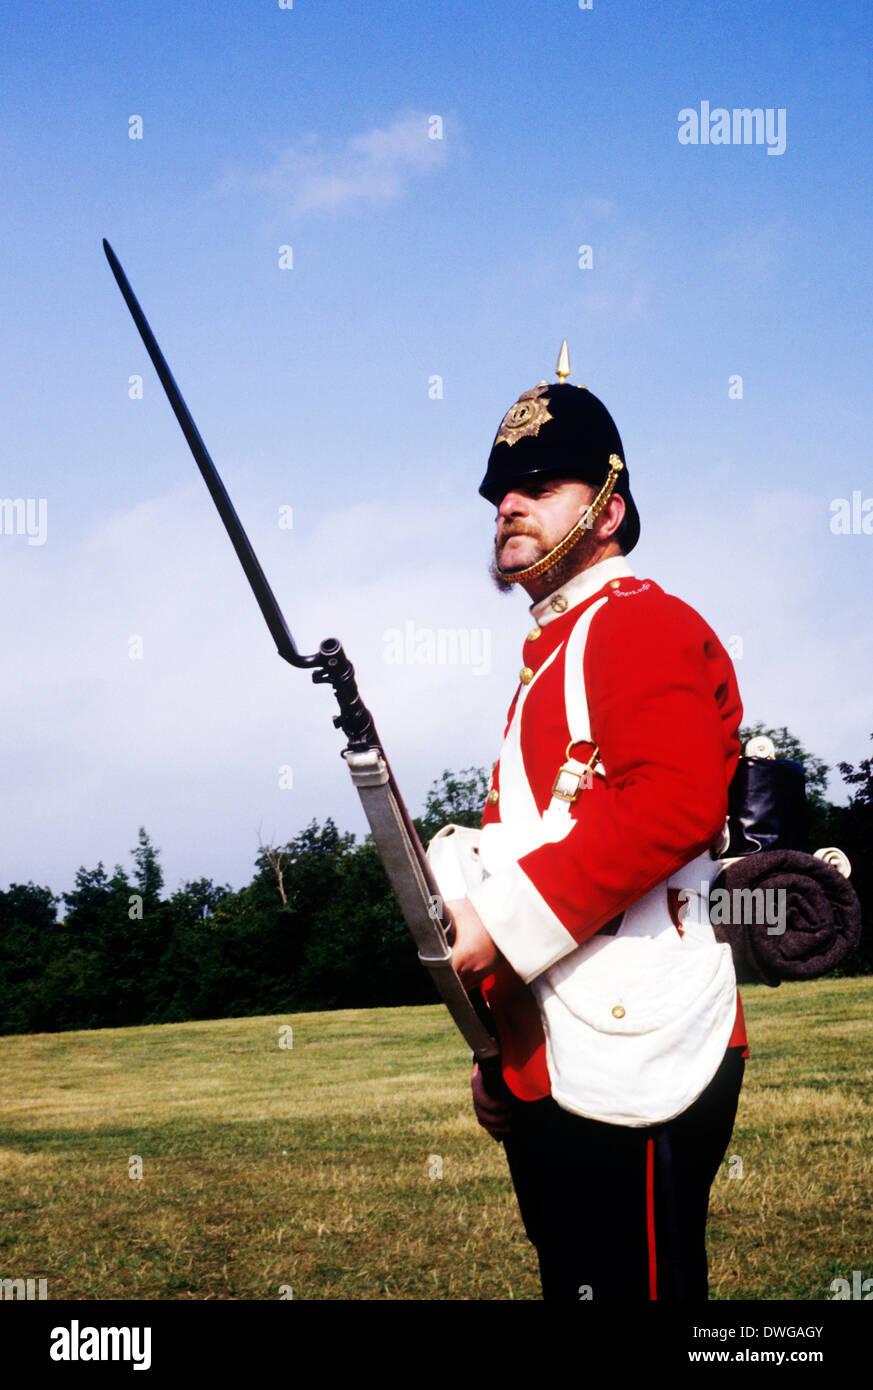 57Th Middlesex Regiment, 1880, soldato, fissato a baionetta, rievocazione storica del XIX secolo esercito britannico soldato soldati uniformi uniforme Inghilterra fucili a canna di fucile Immagini Stock